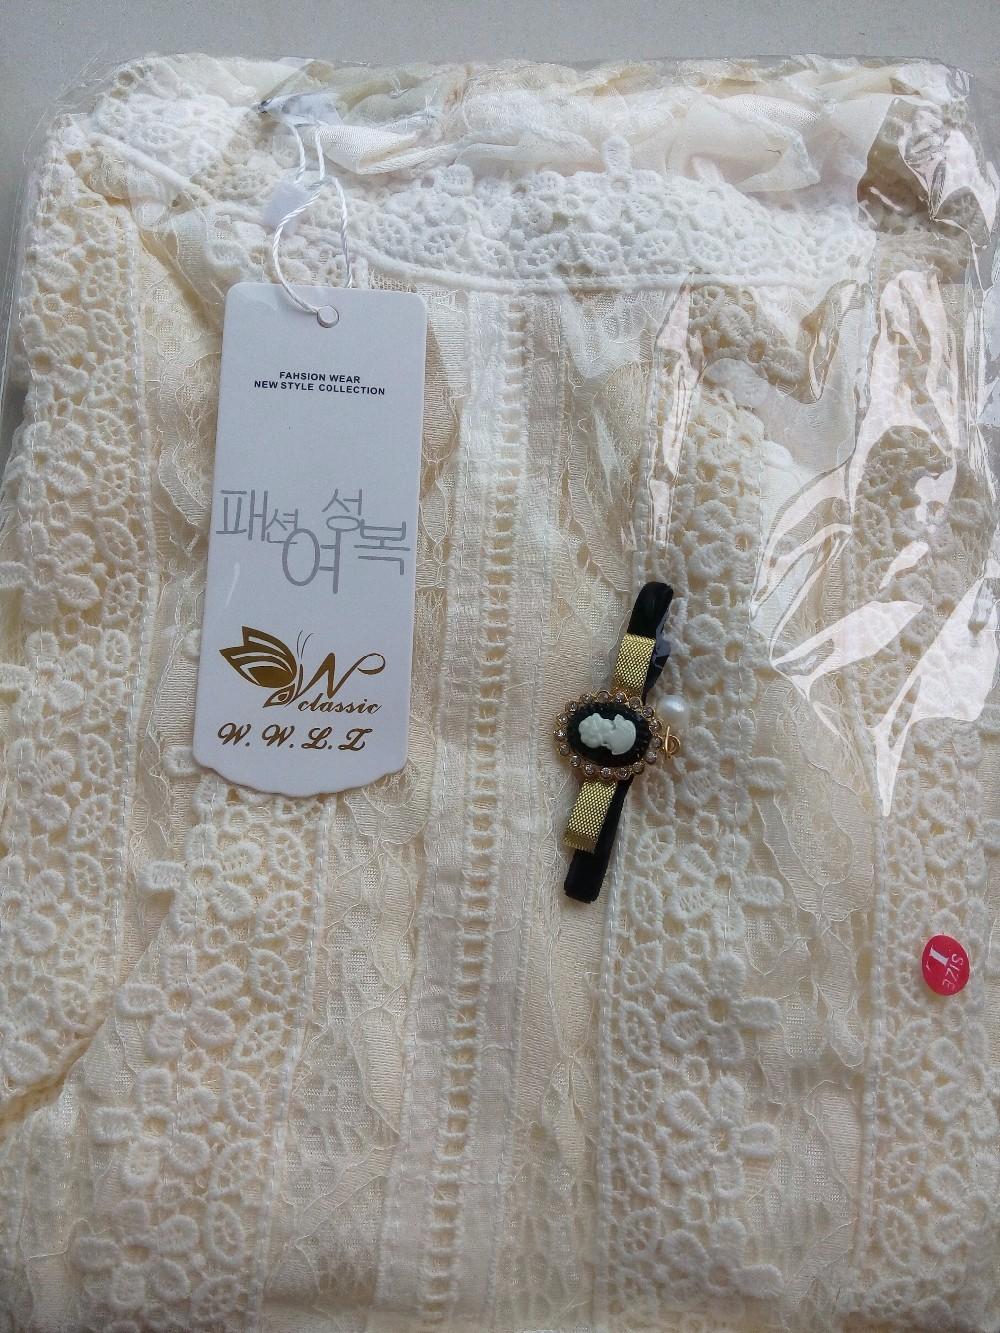 HTB1XbB3LXXXXXcDXpXXq6xXFXXXs - New Lace Shirt Women Clothing Blusas Femininas Blouses